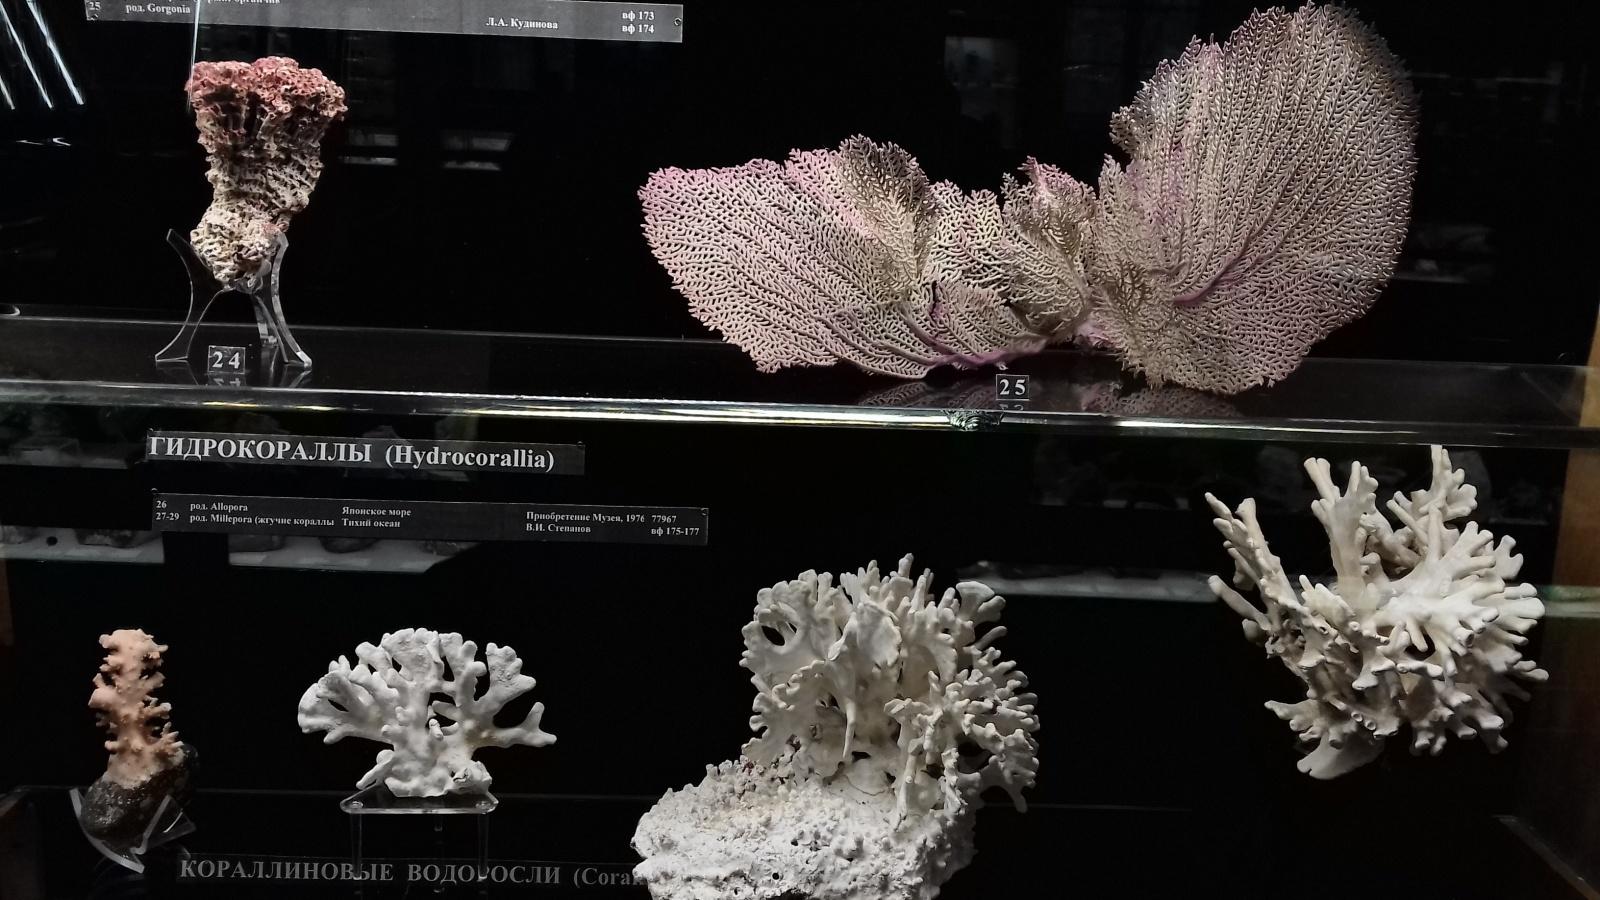 Фотоэкскурсия по Минералогическому музею имени Ферсмана - 21